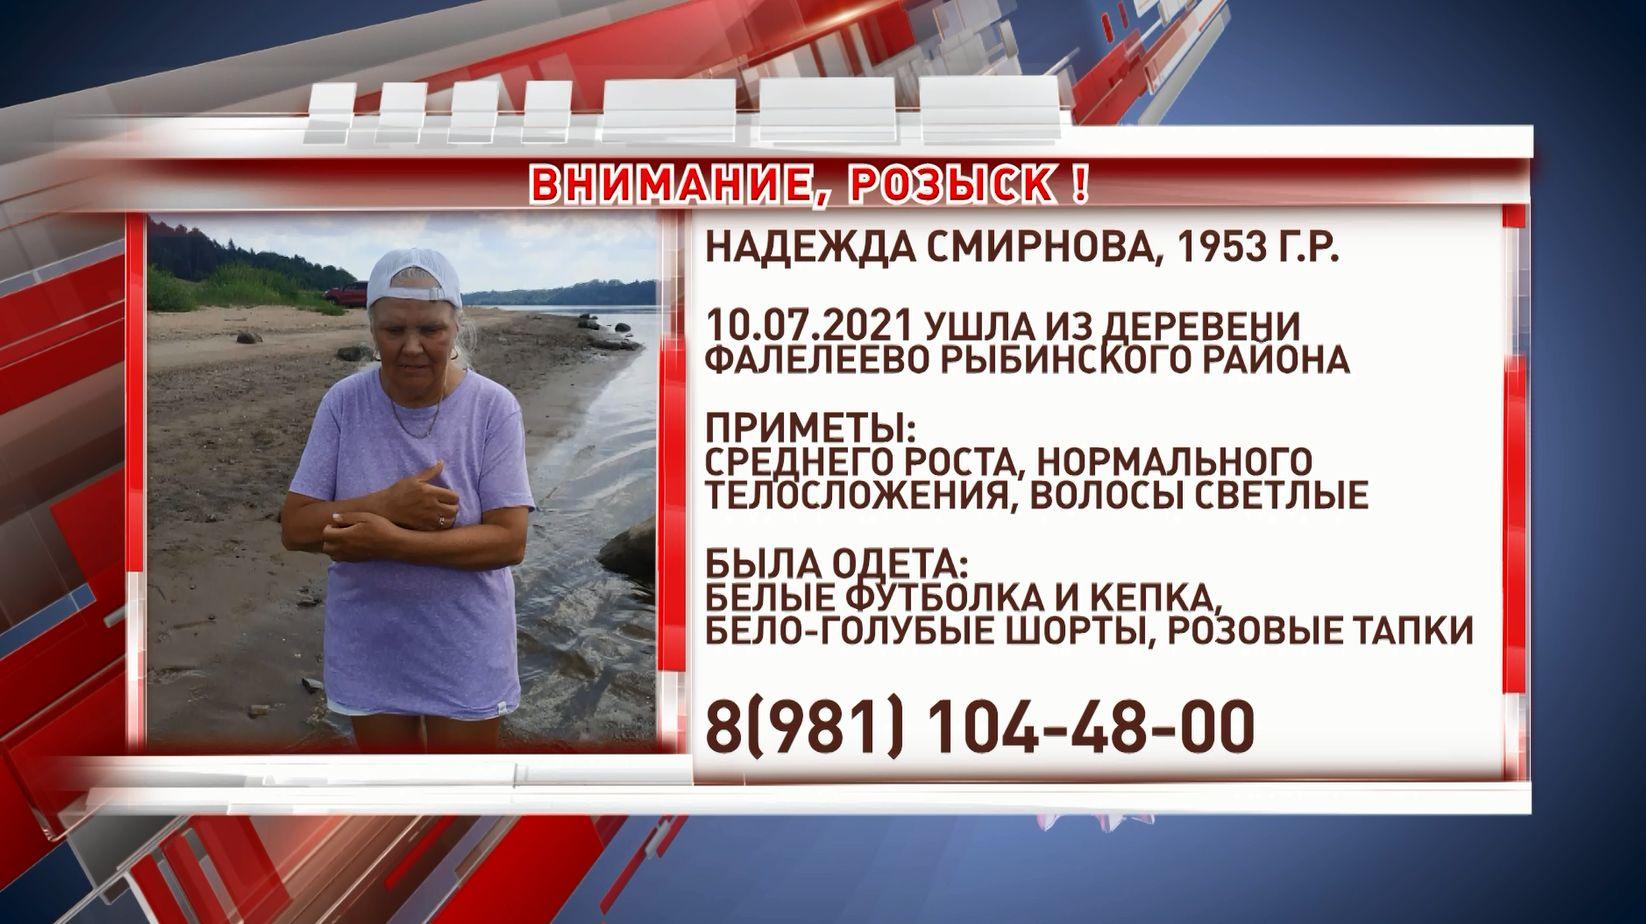 В Рыбинском районе разыскивают Надежду Смирнову